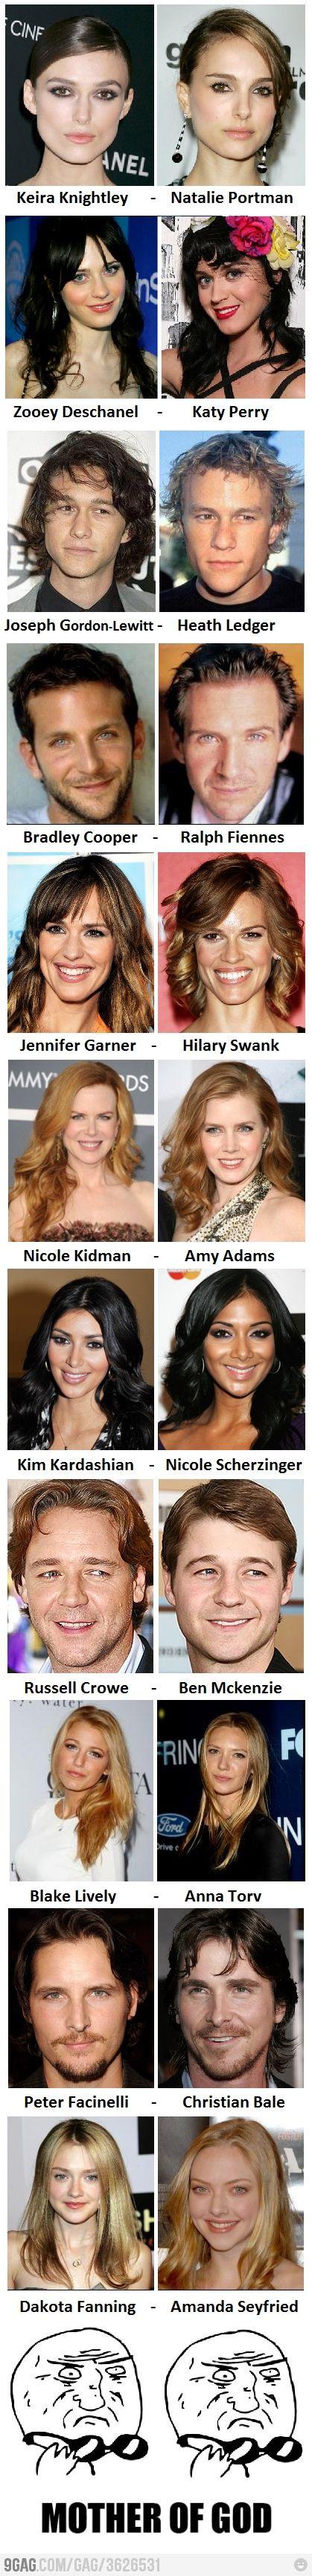 celebrity doppelgängers...weird